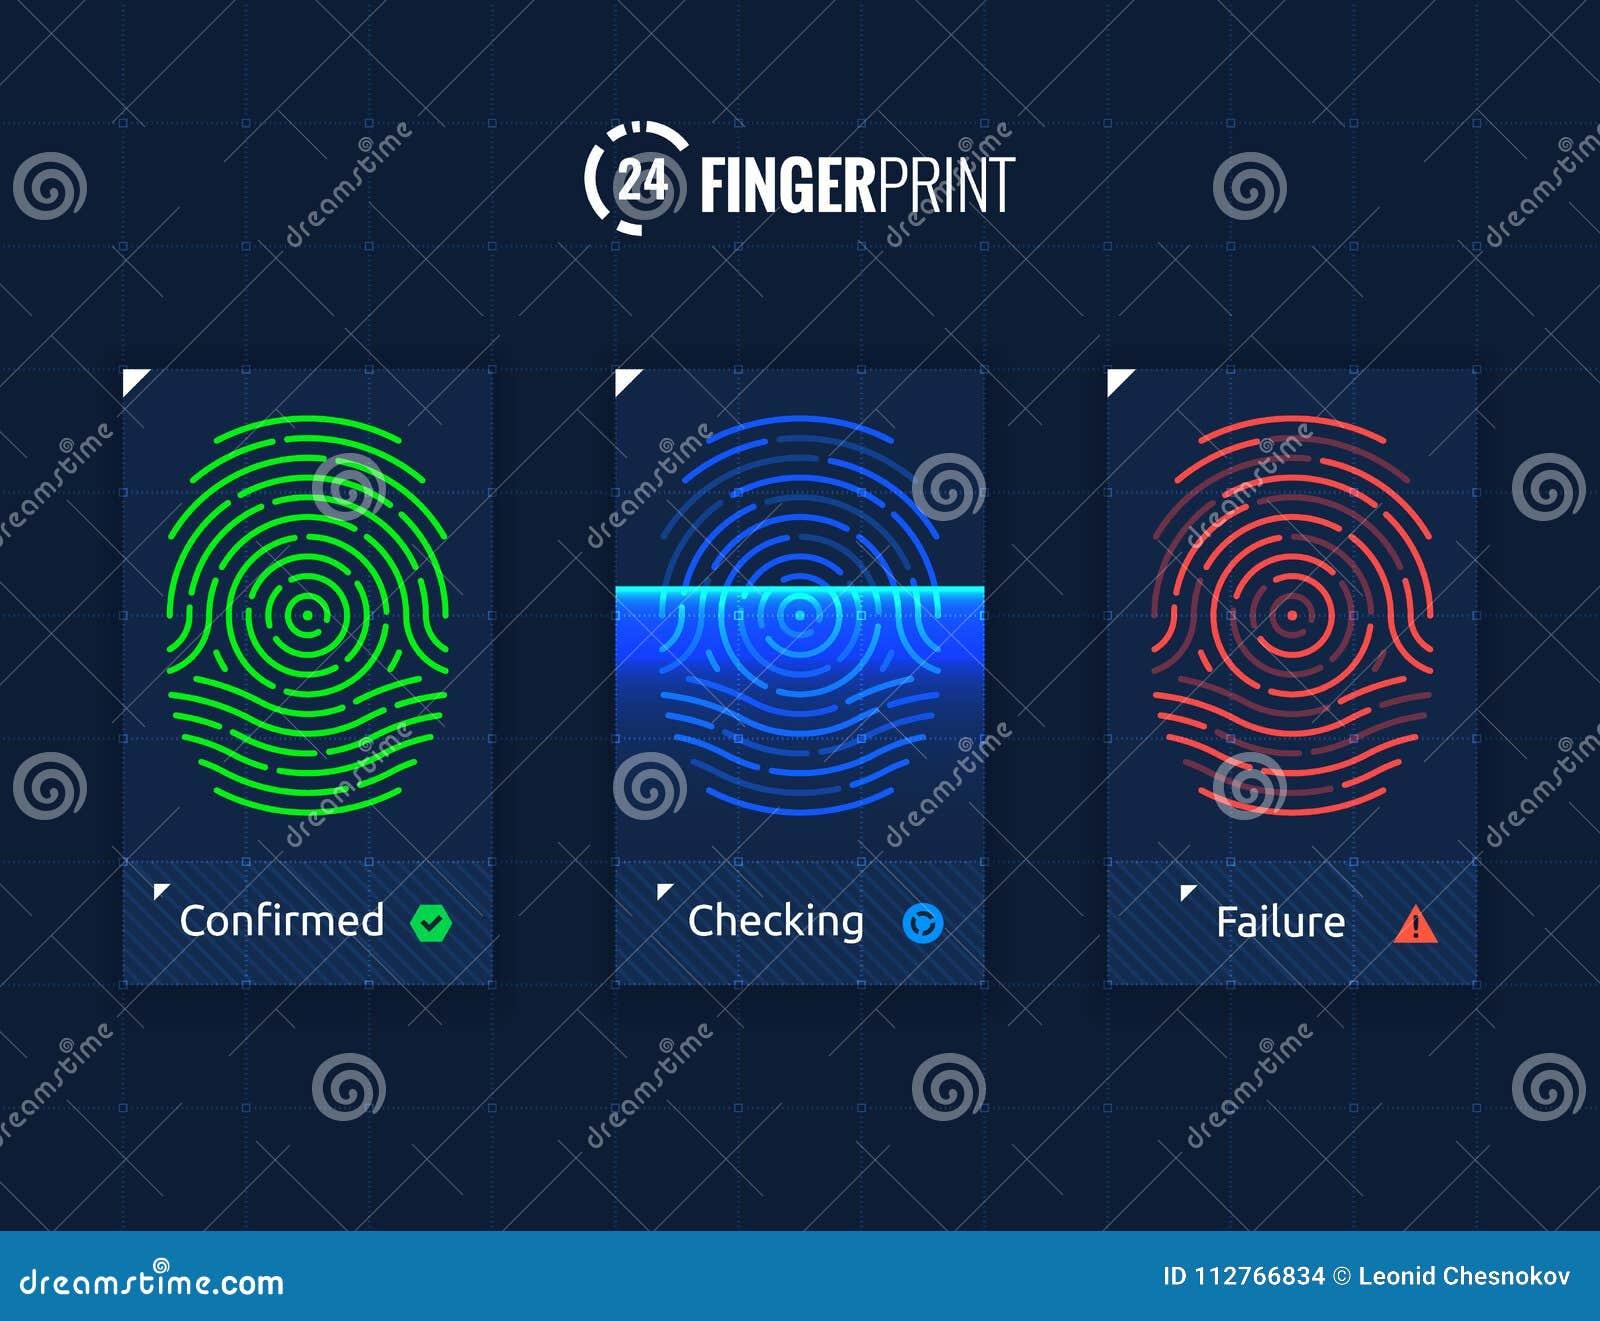 Fingerprint Scan Technology Icons Set Stock Vector - Illustration of